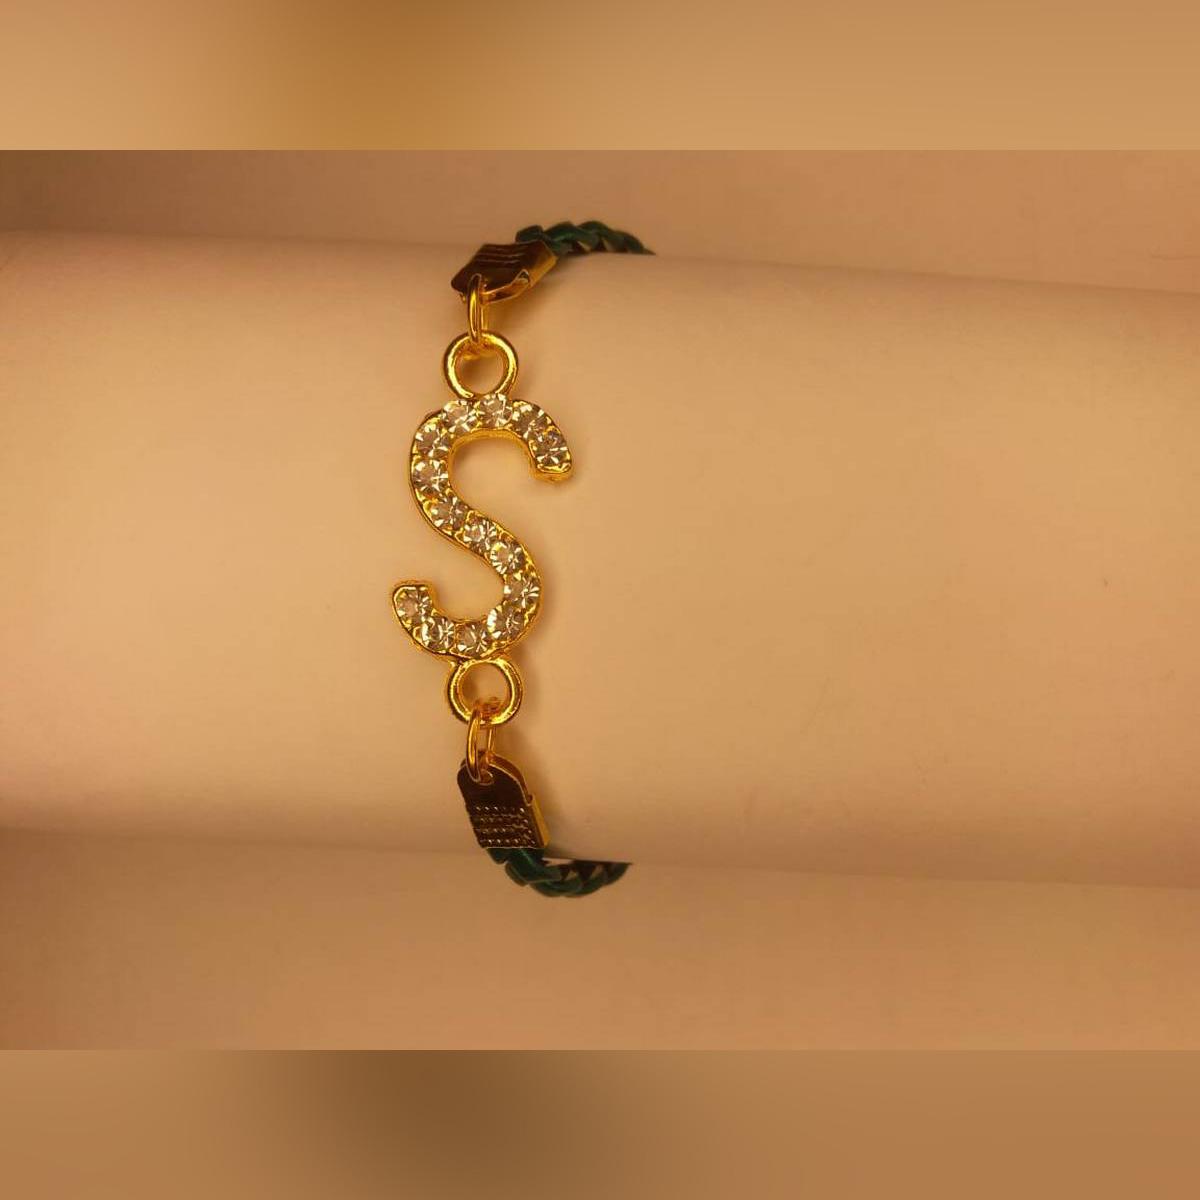 Classy Gold S Design Zircon Bracelet For Girls, Women